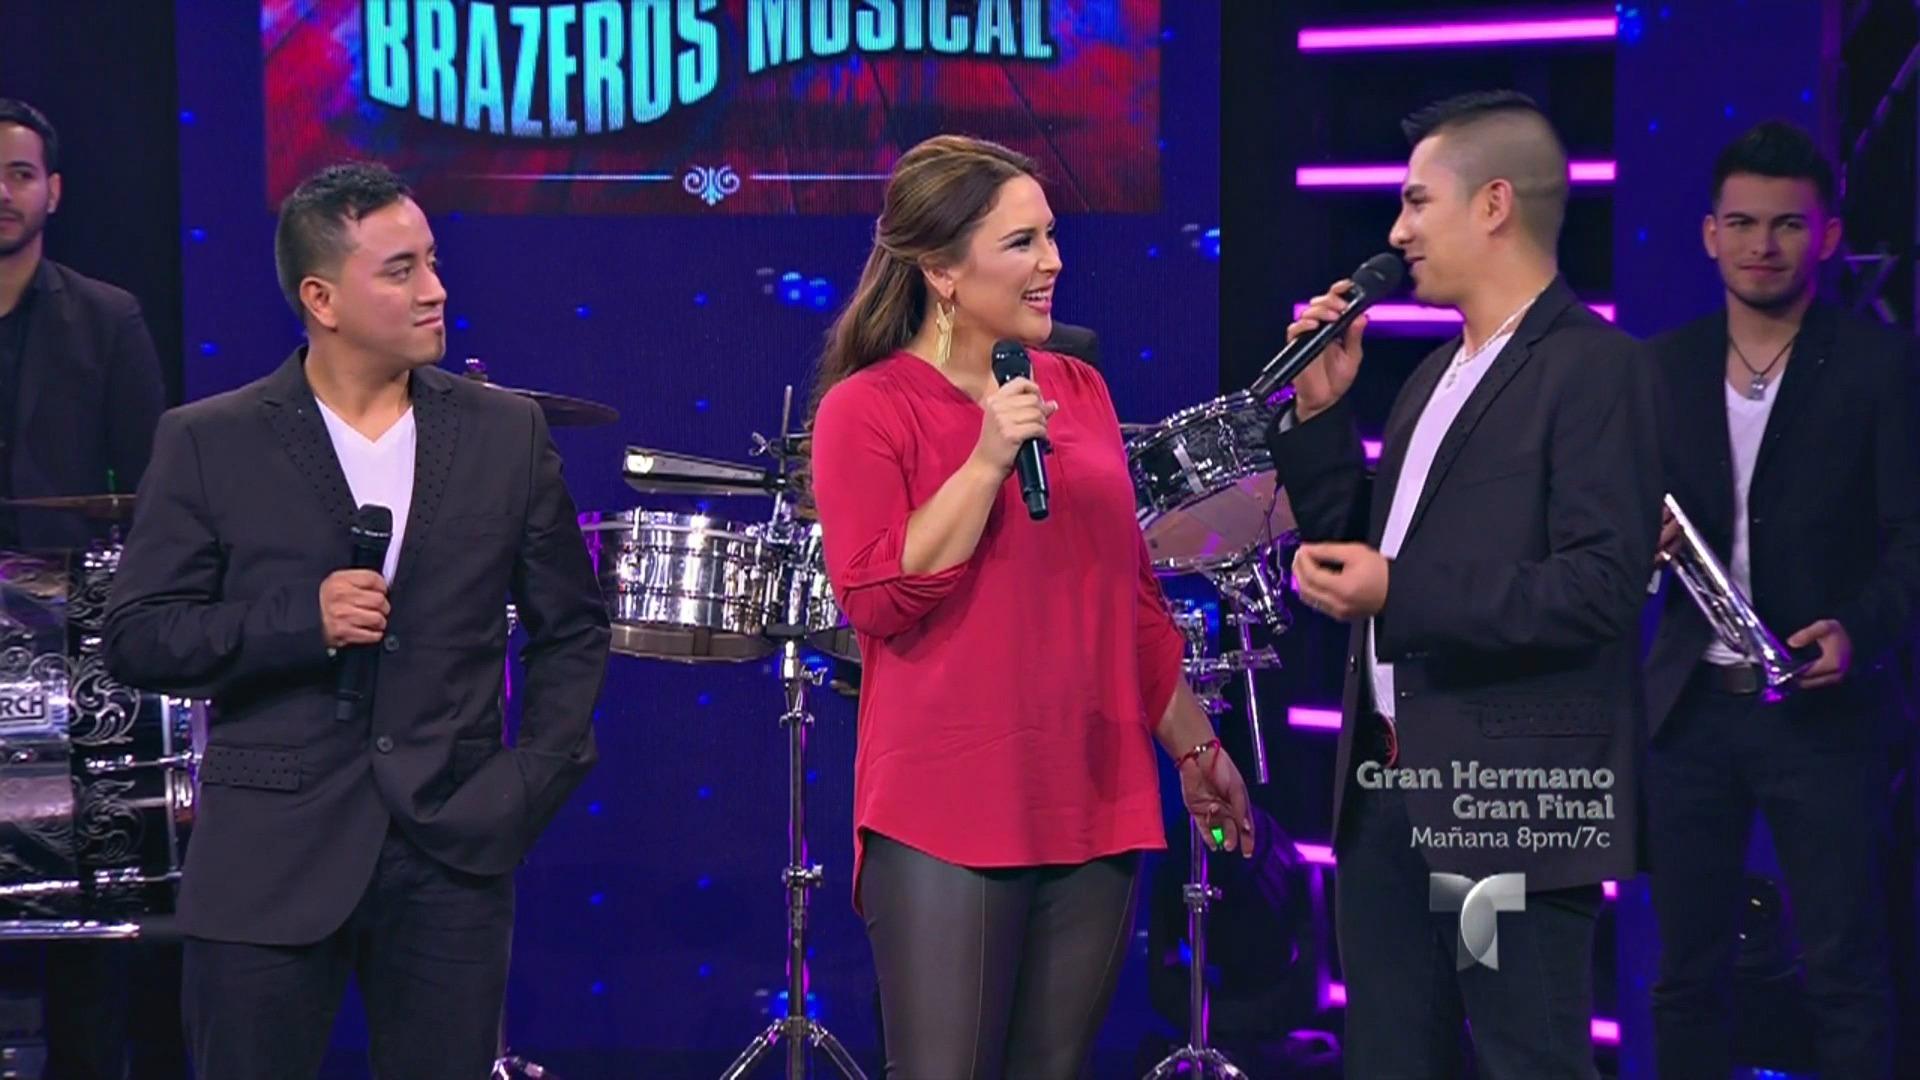 Brazeros Musical Presenta Su Nuevo Proyecto Musical En Qué Noche